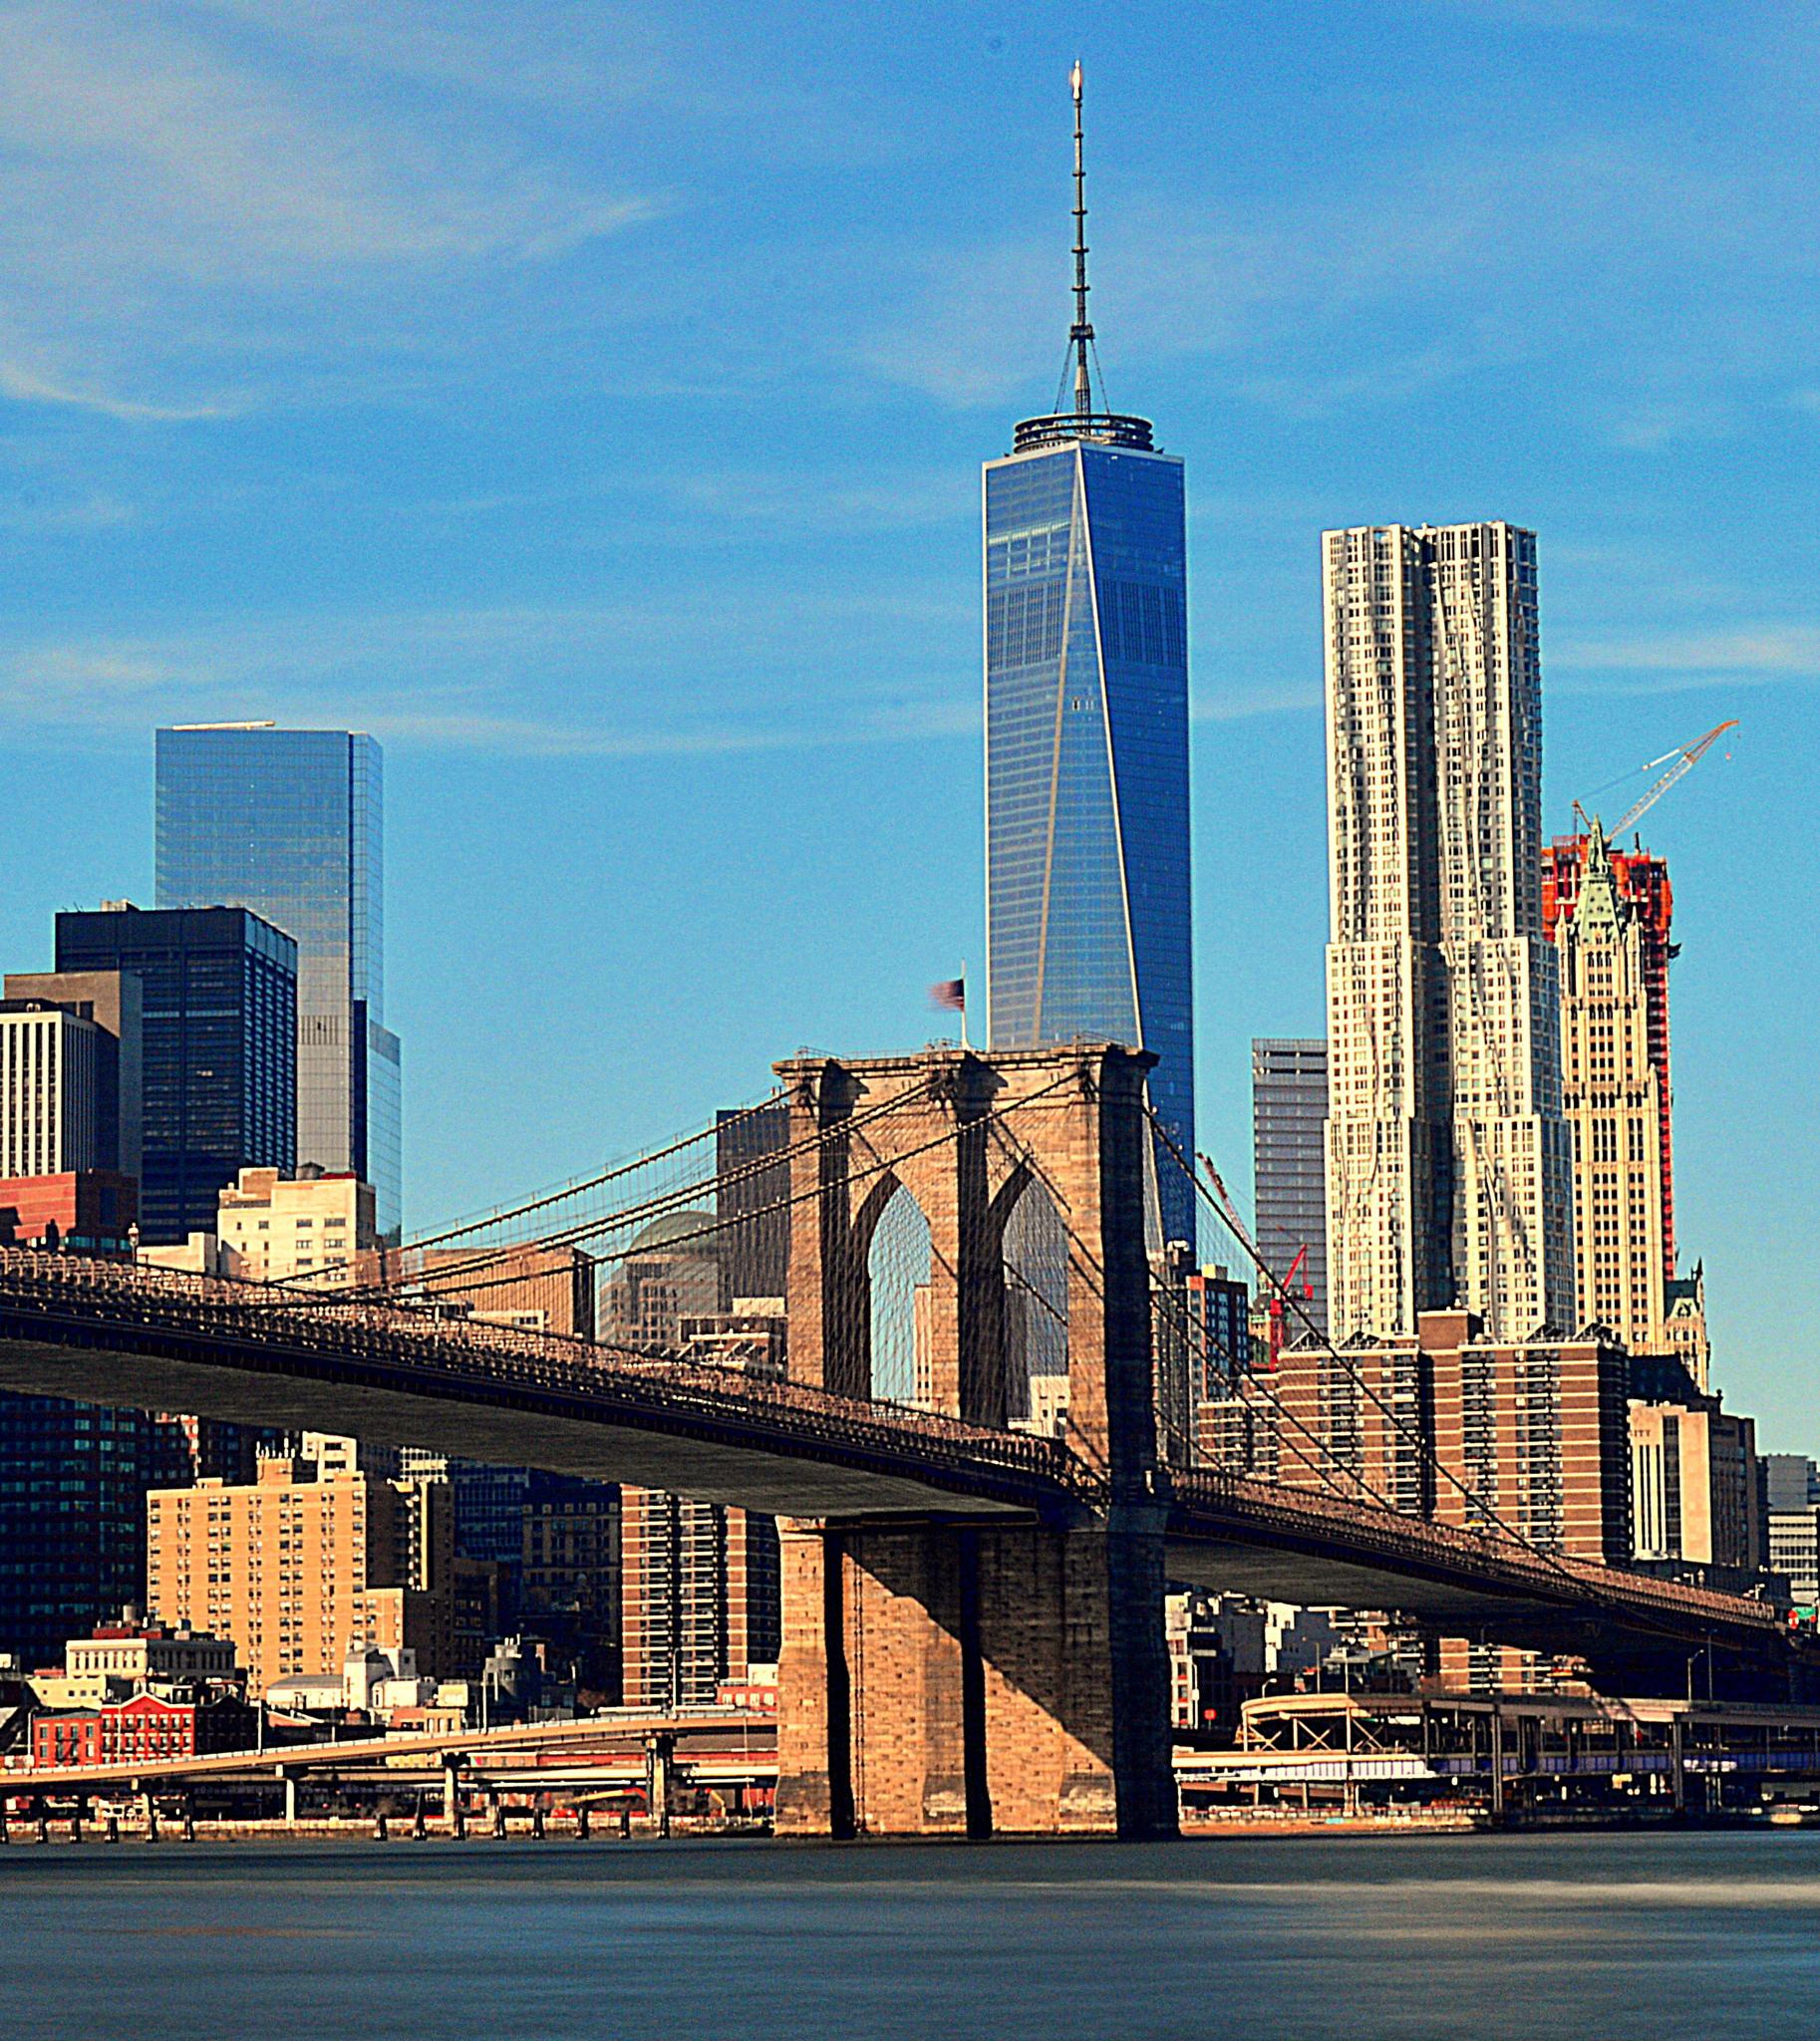 Brooklyn Bridge by Andrew Piekut